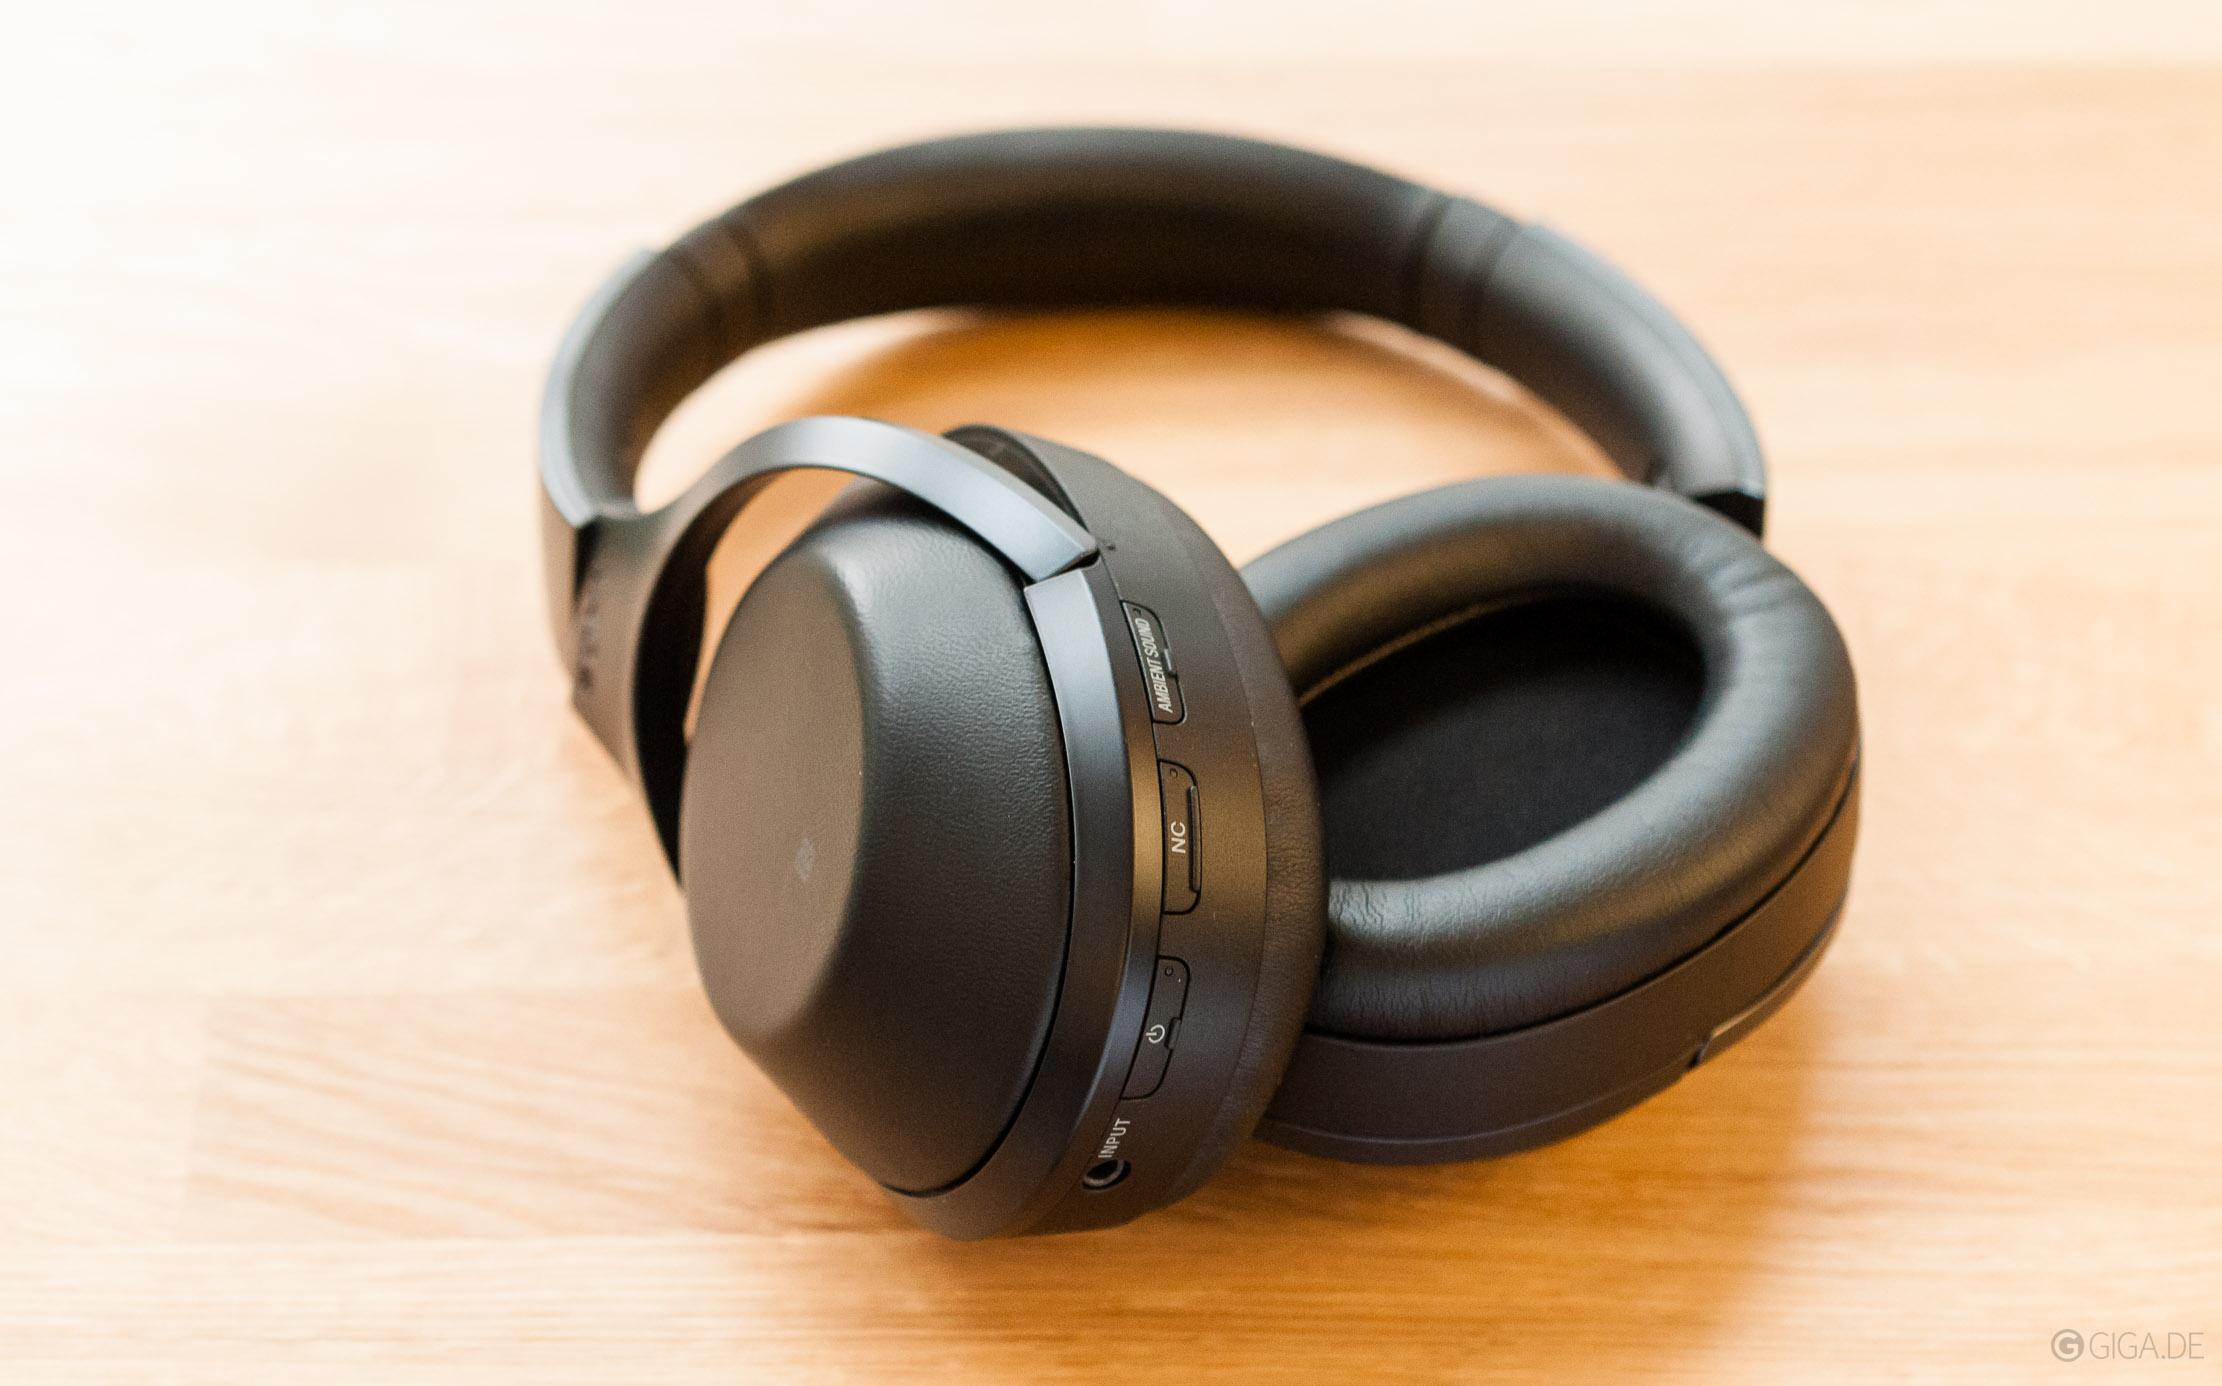 Bose Quietcomfort 35 Und Sony Mdr 1000x Im Vergleich Giga Noice Cancelling Bluetooth Headphone Kopfhrervergleich